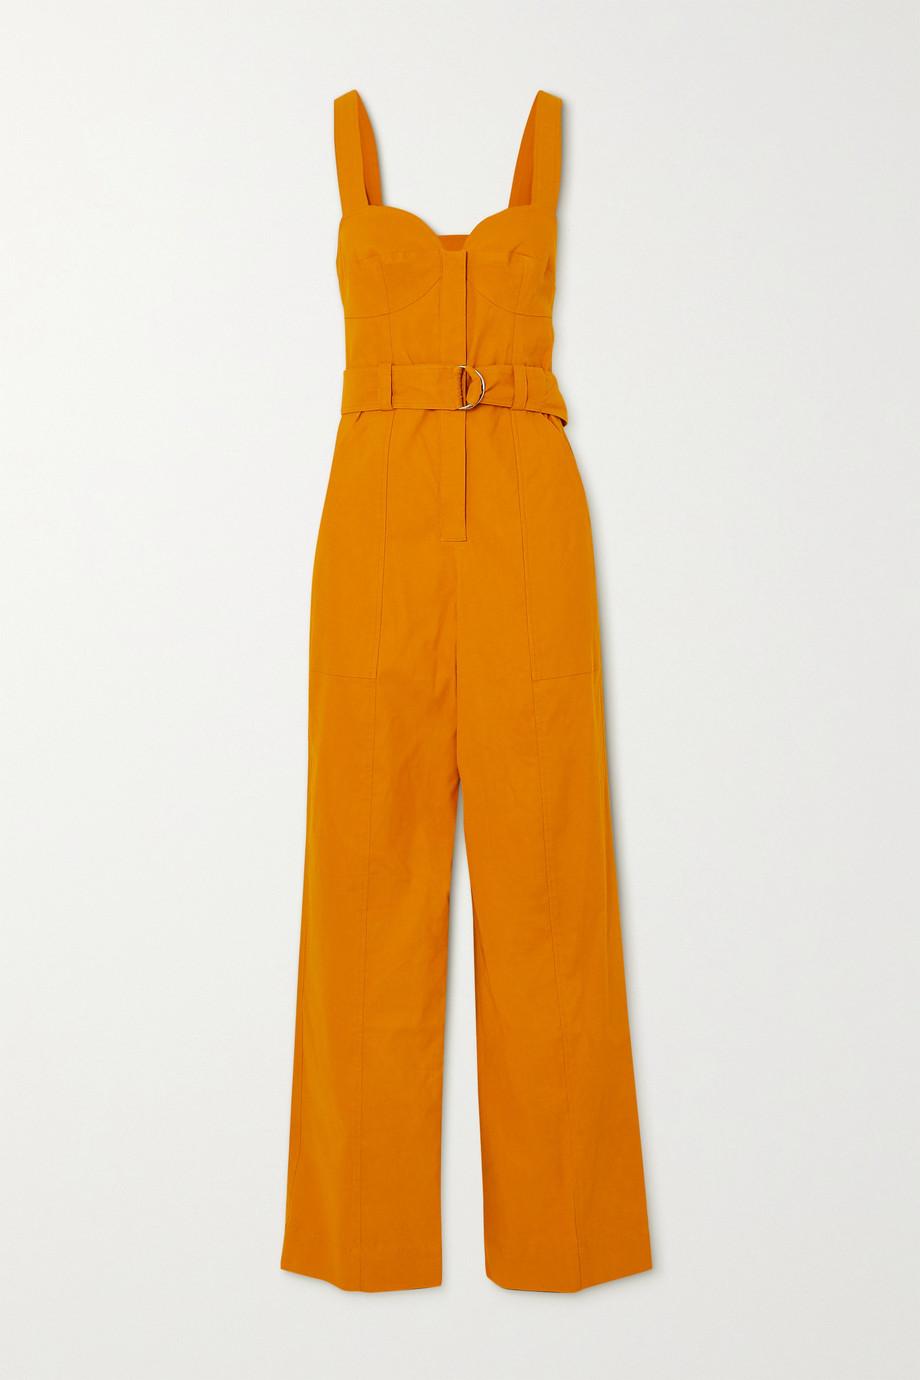 A.L.C. A.L.C. x Petra Flannery Cyprus Jumpsuit aus einer Leinenmischung mit Gürtel